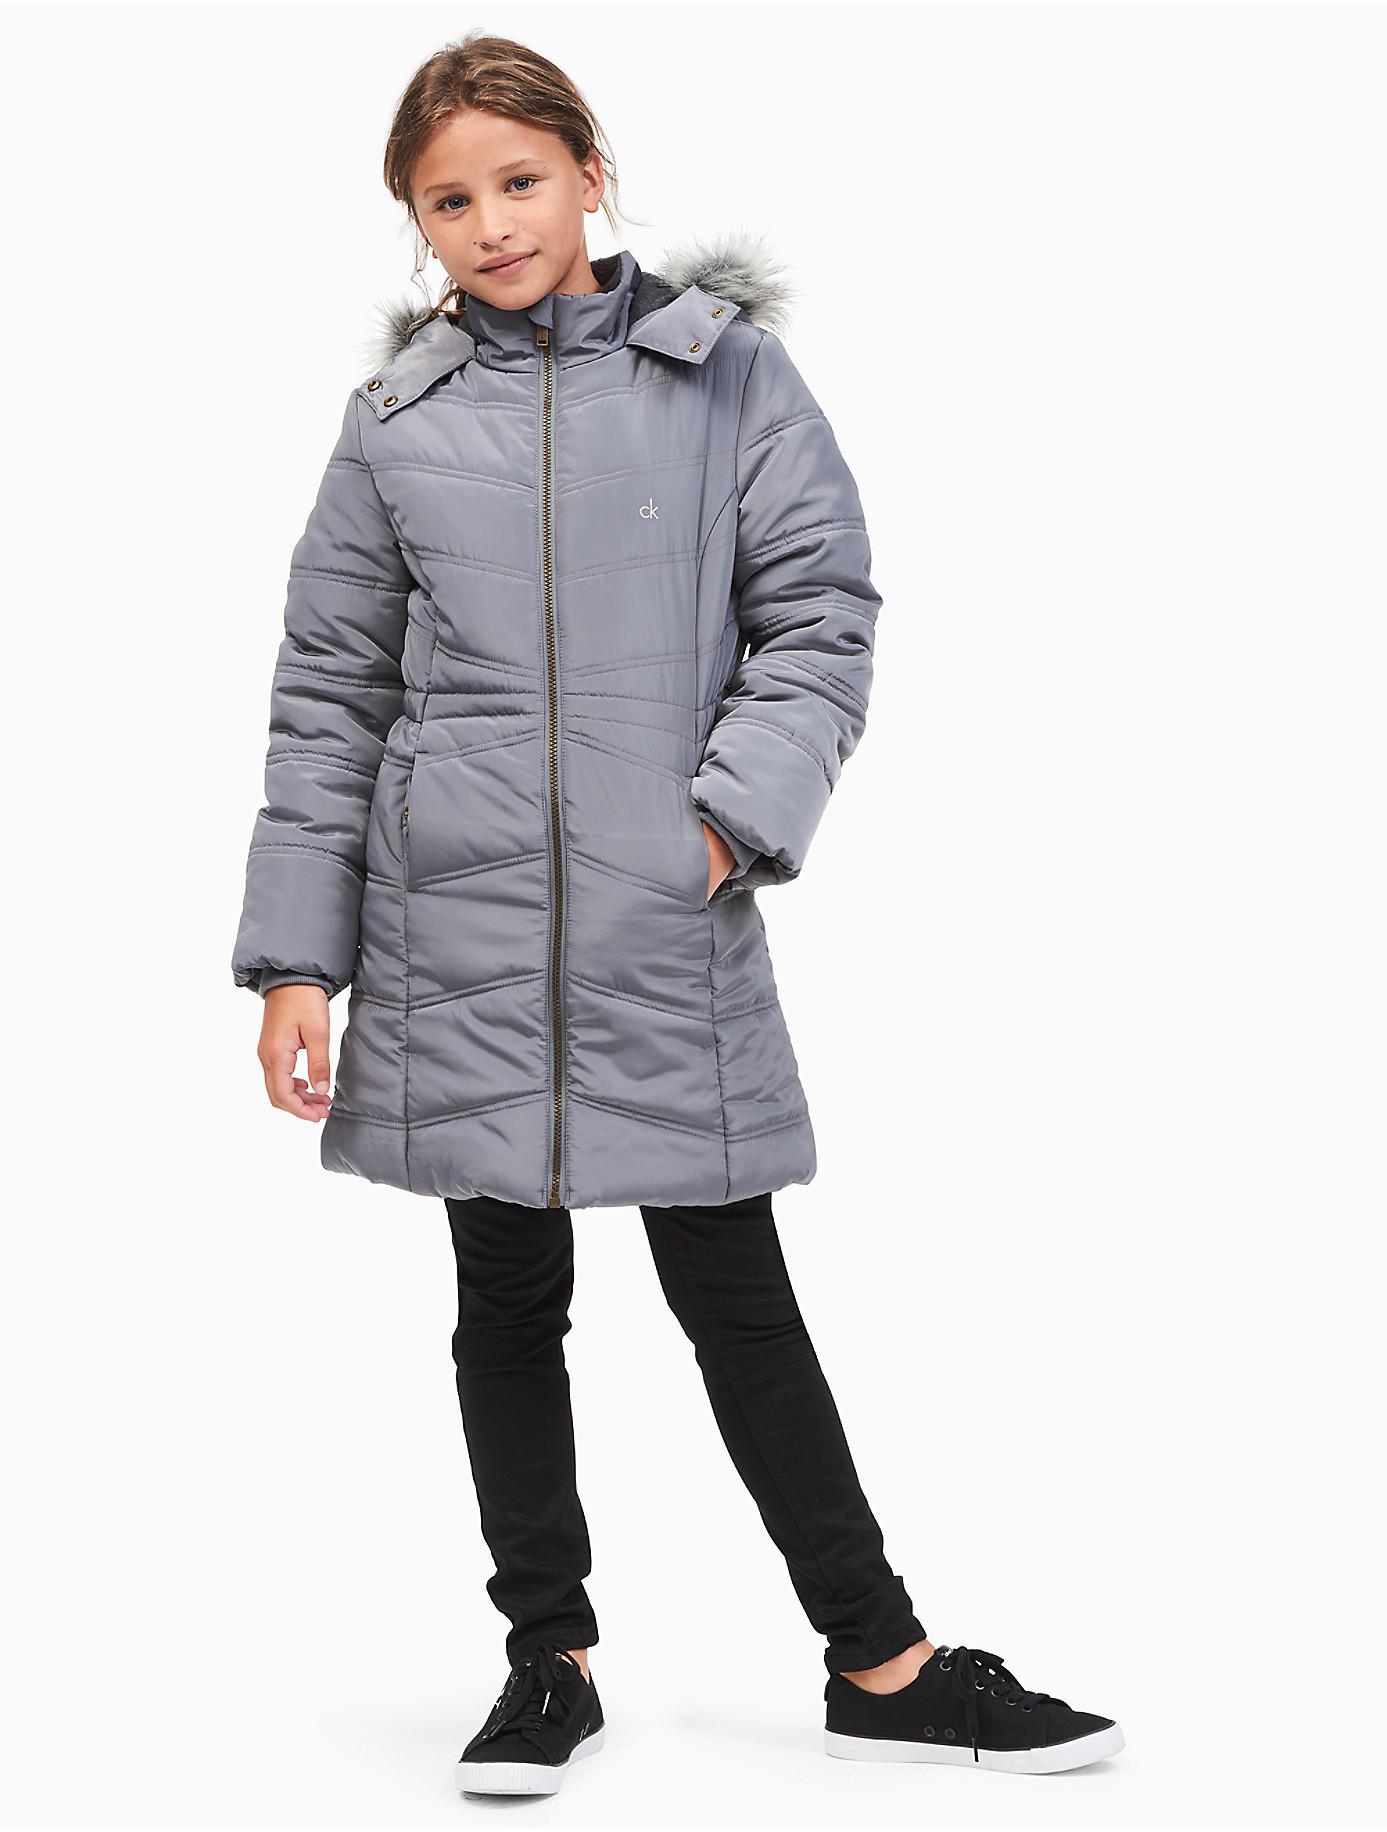 40112c387 Lyst - Calvin Klein Girls Aerial Puffer Jacket in Gray